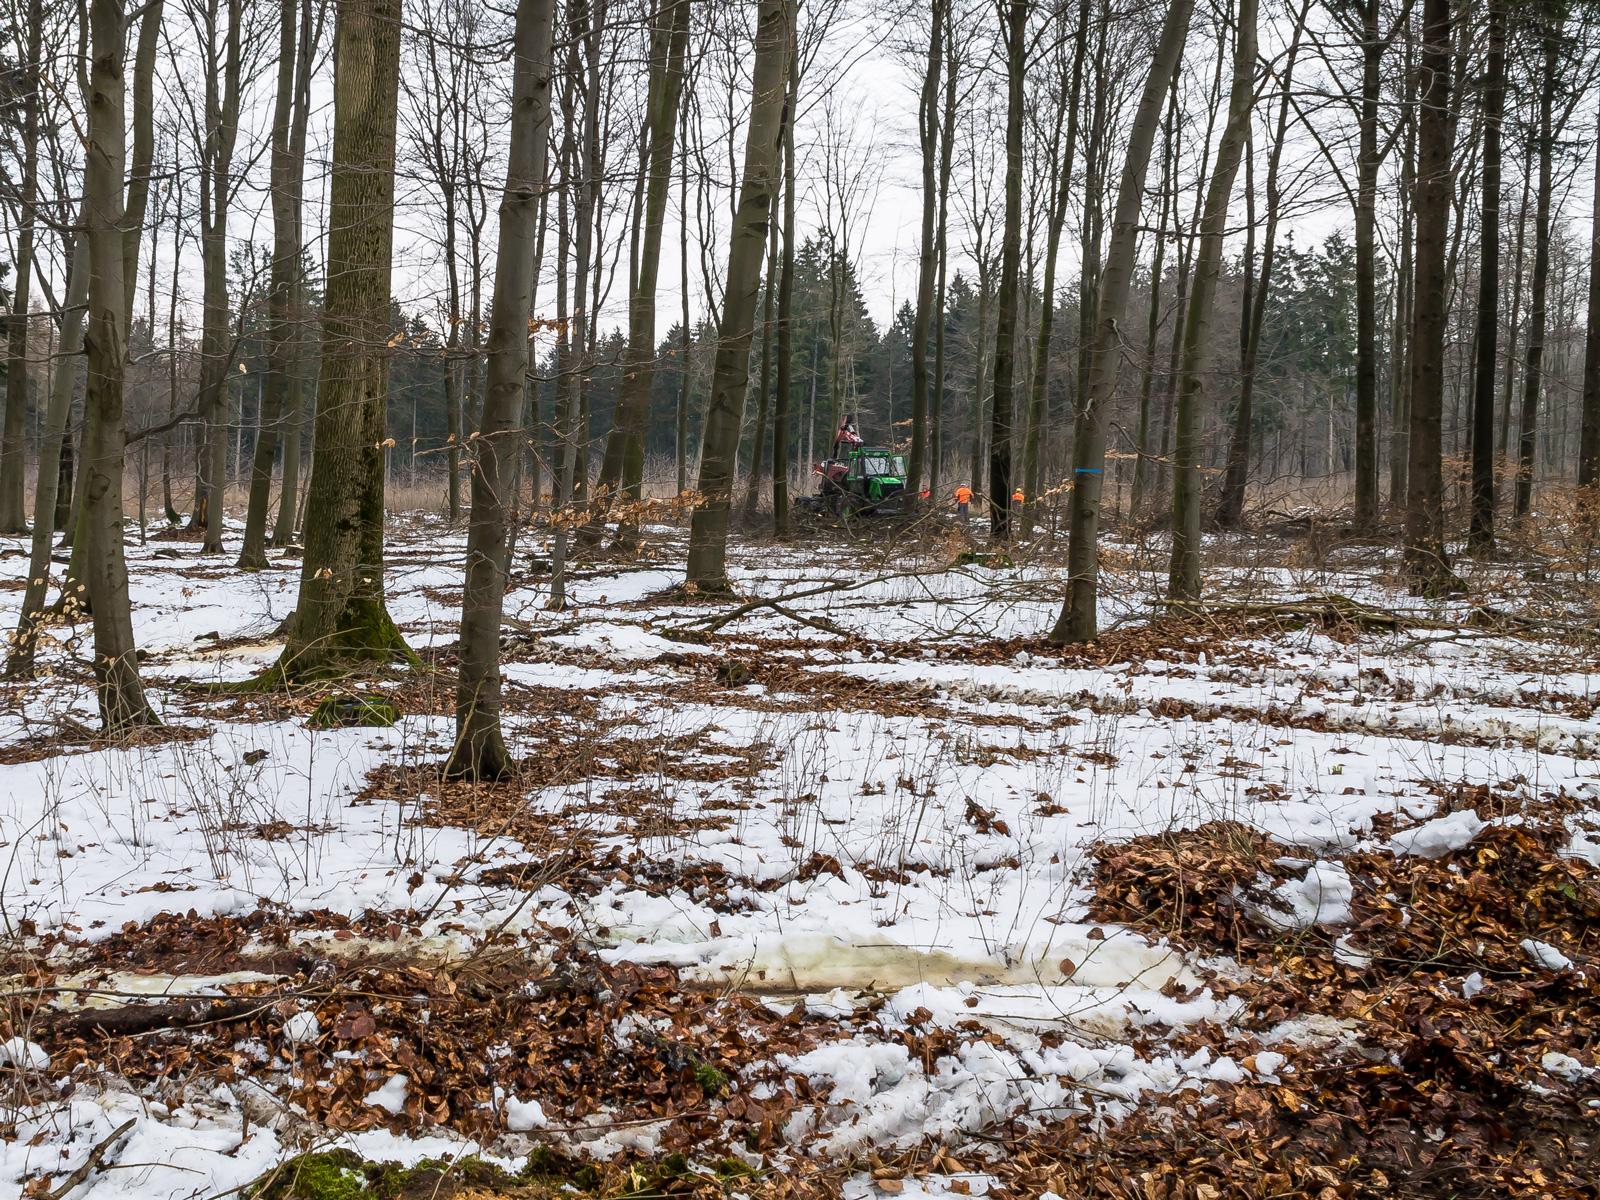 Fahrgleise kreuz und quer im Wald mit Baumstümpfen